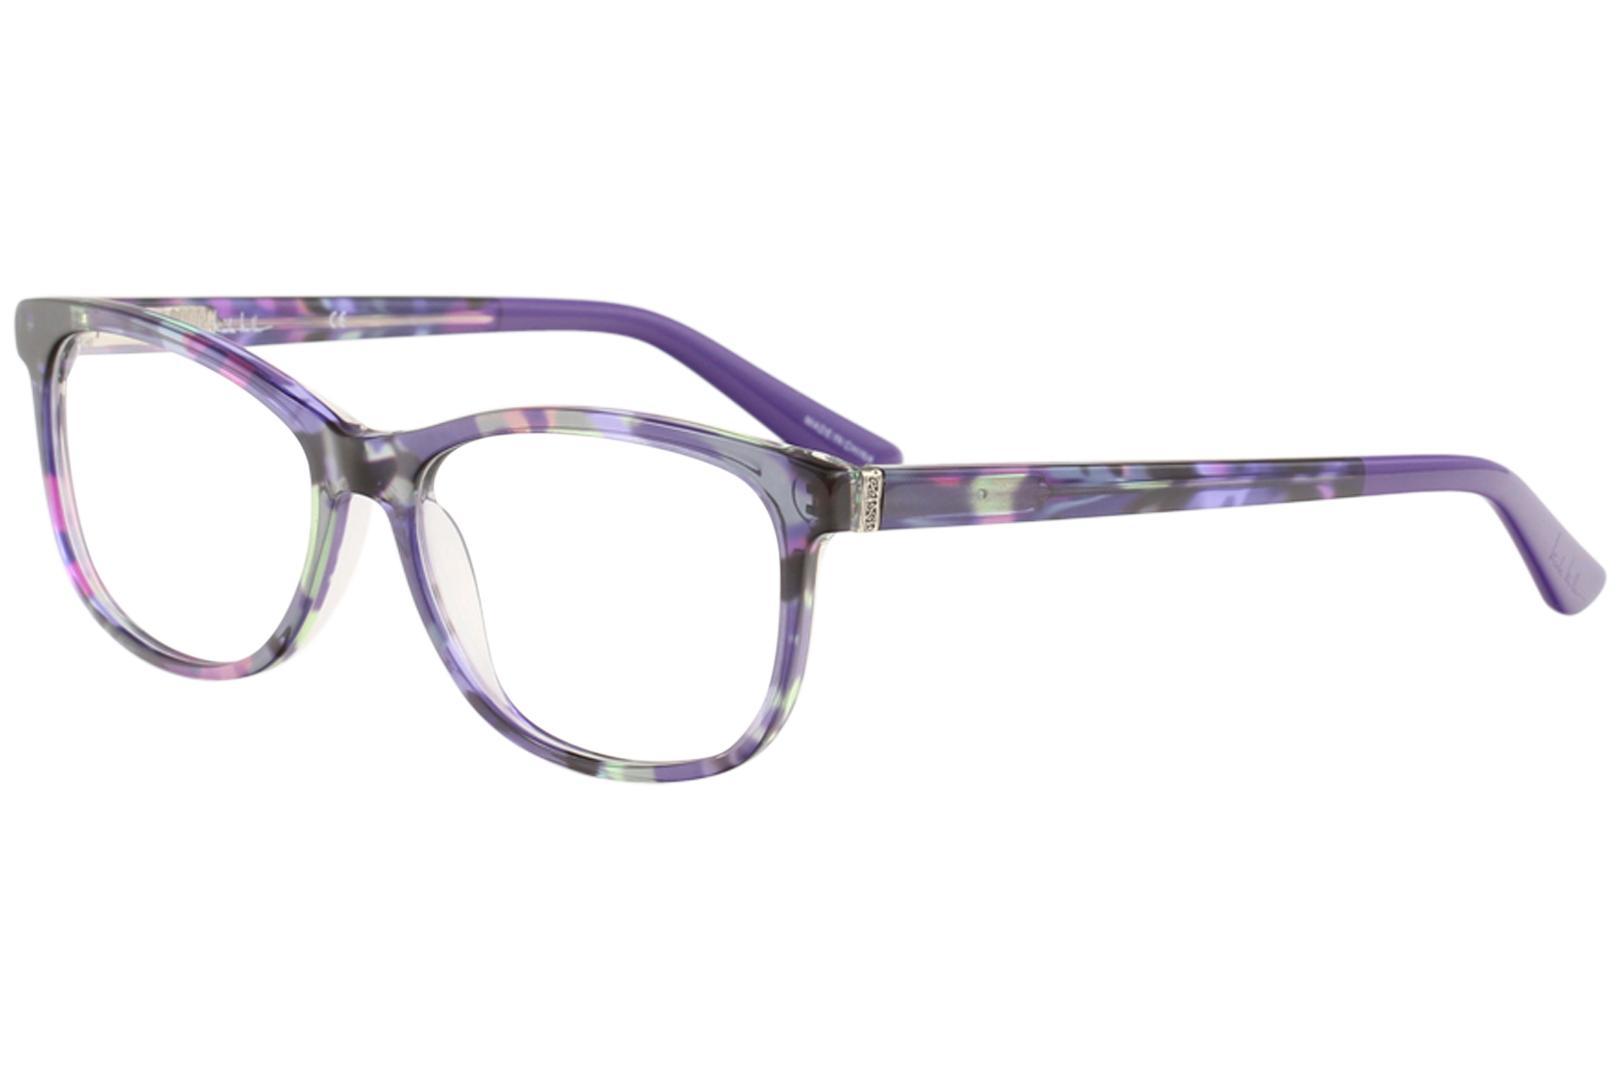 e58e573d3a Nicole Miller Women s Eyeglasses Brook Full Rim Optical Frame by Nicole  Miller